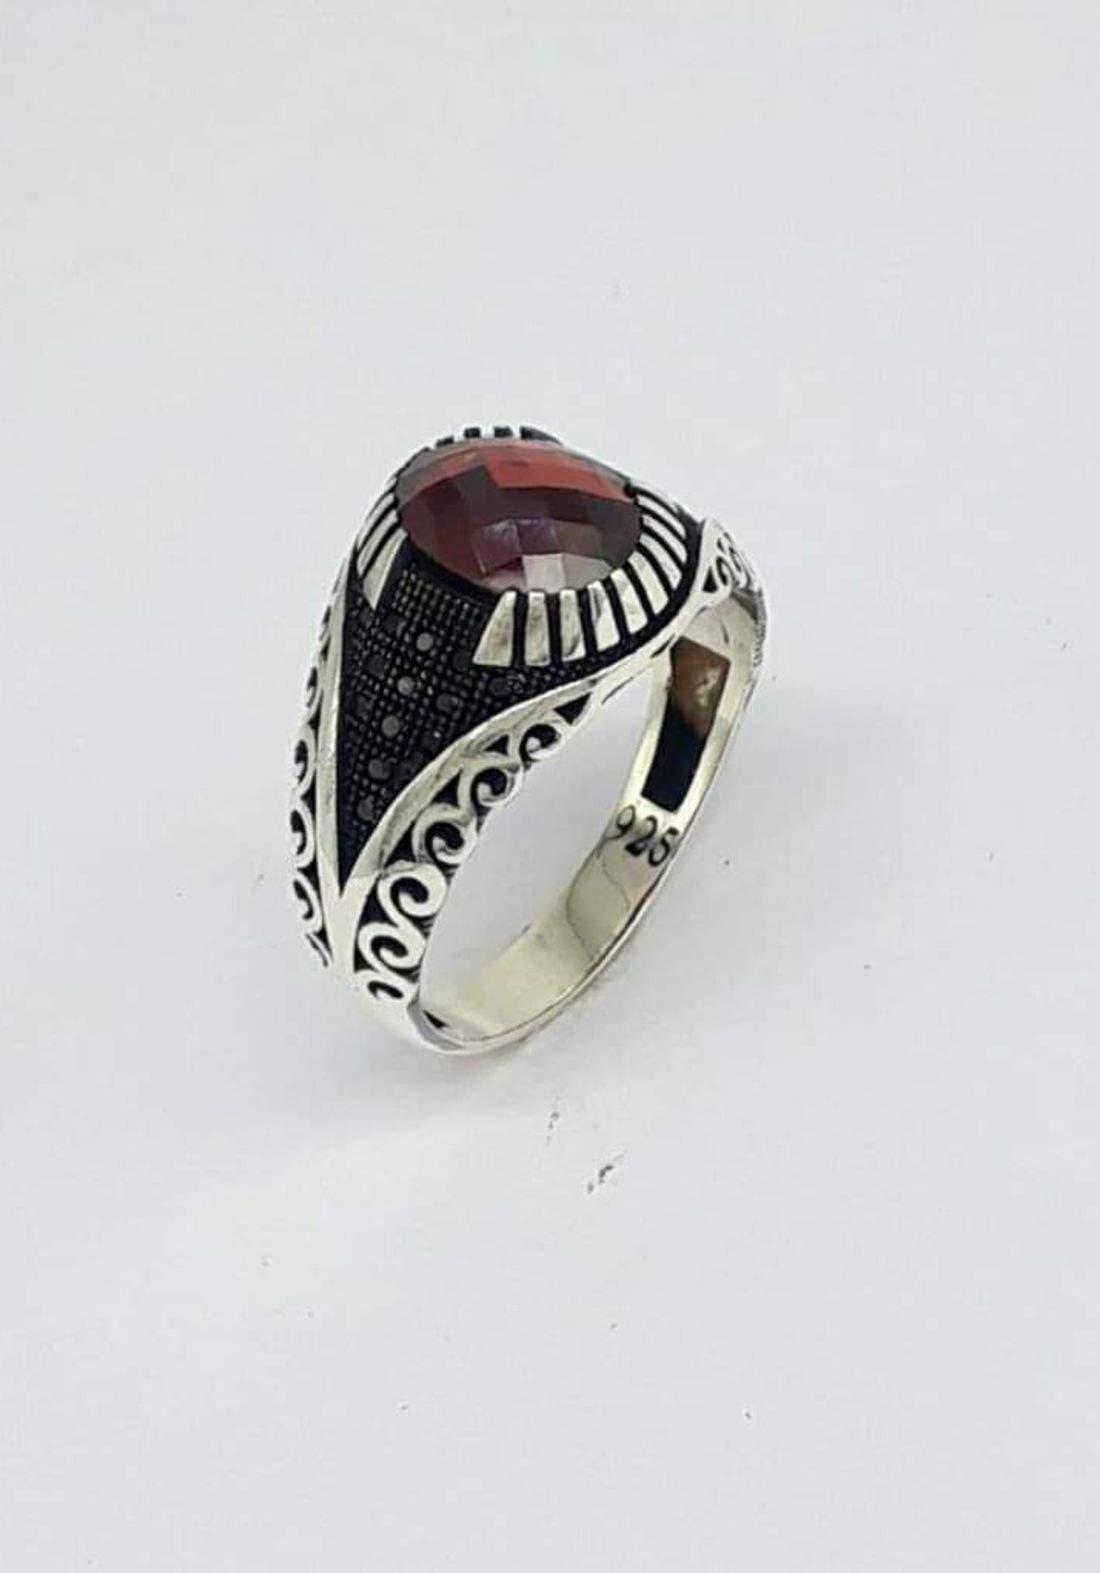 خاتم رجالي  فضة عيار 925 صياغة ايطالية